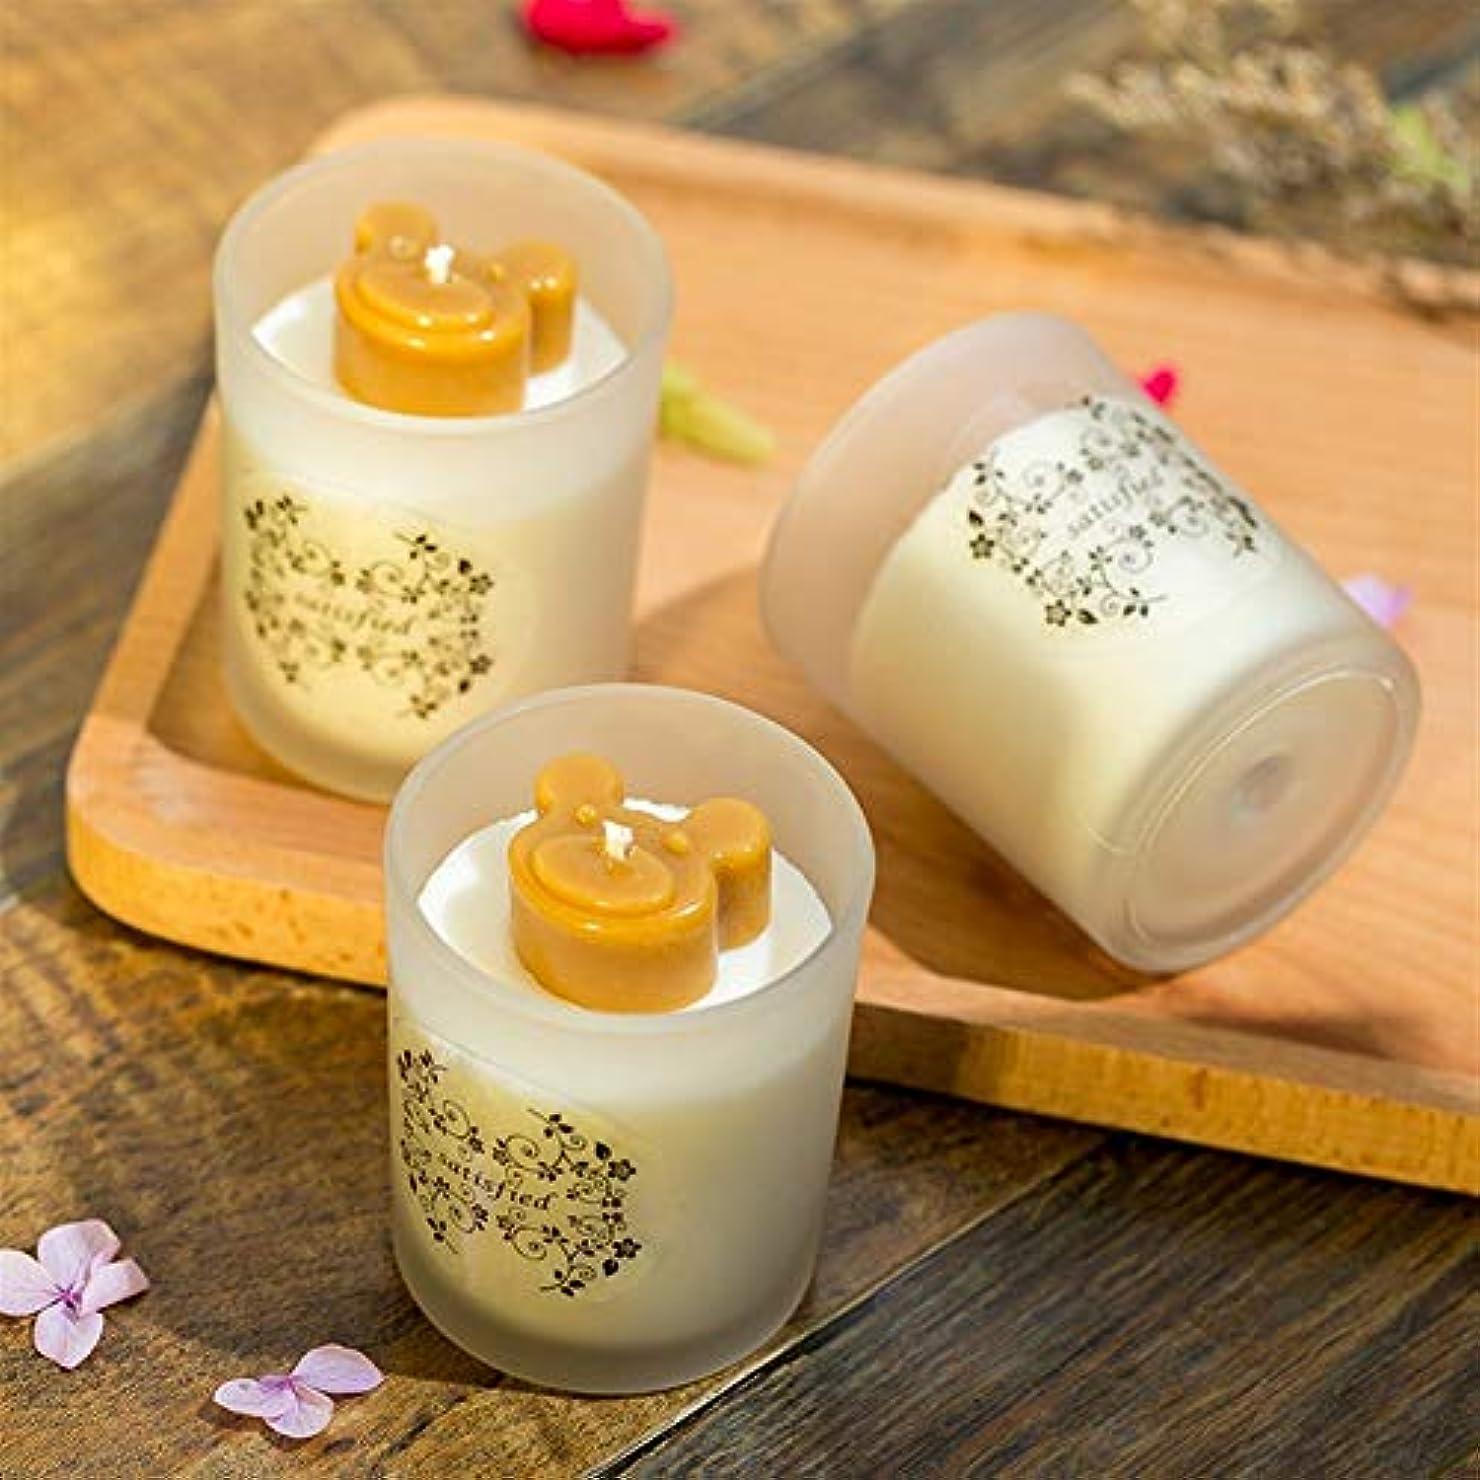 介入する勧告グリースGuomao 曇らされたガラスボトル、小さなクマ、アロマセラピー、健康と長続き、香りキャンドル、オフィスの結婚式の装飾用品 (色 : Lavender)